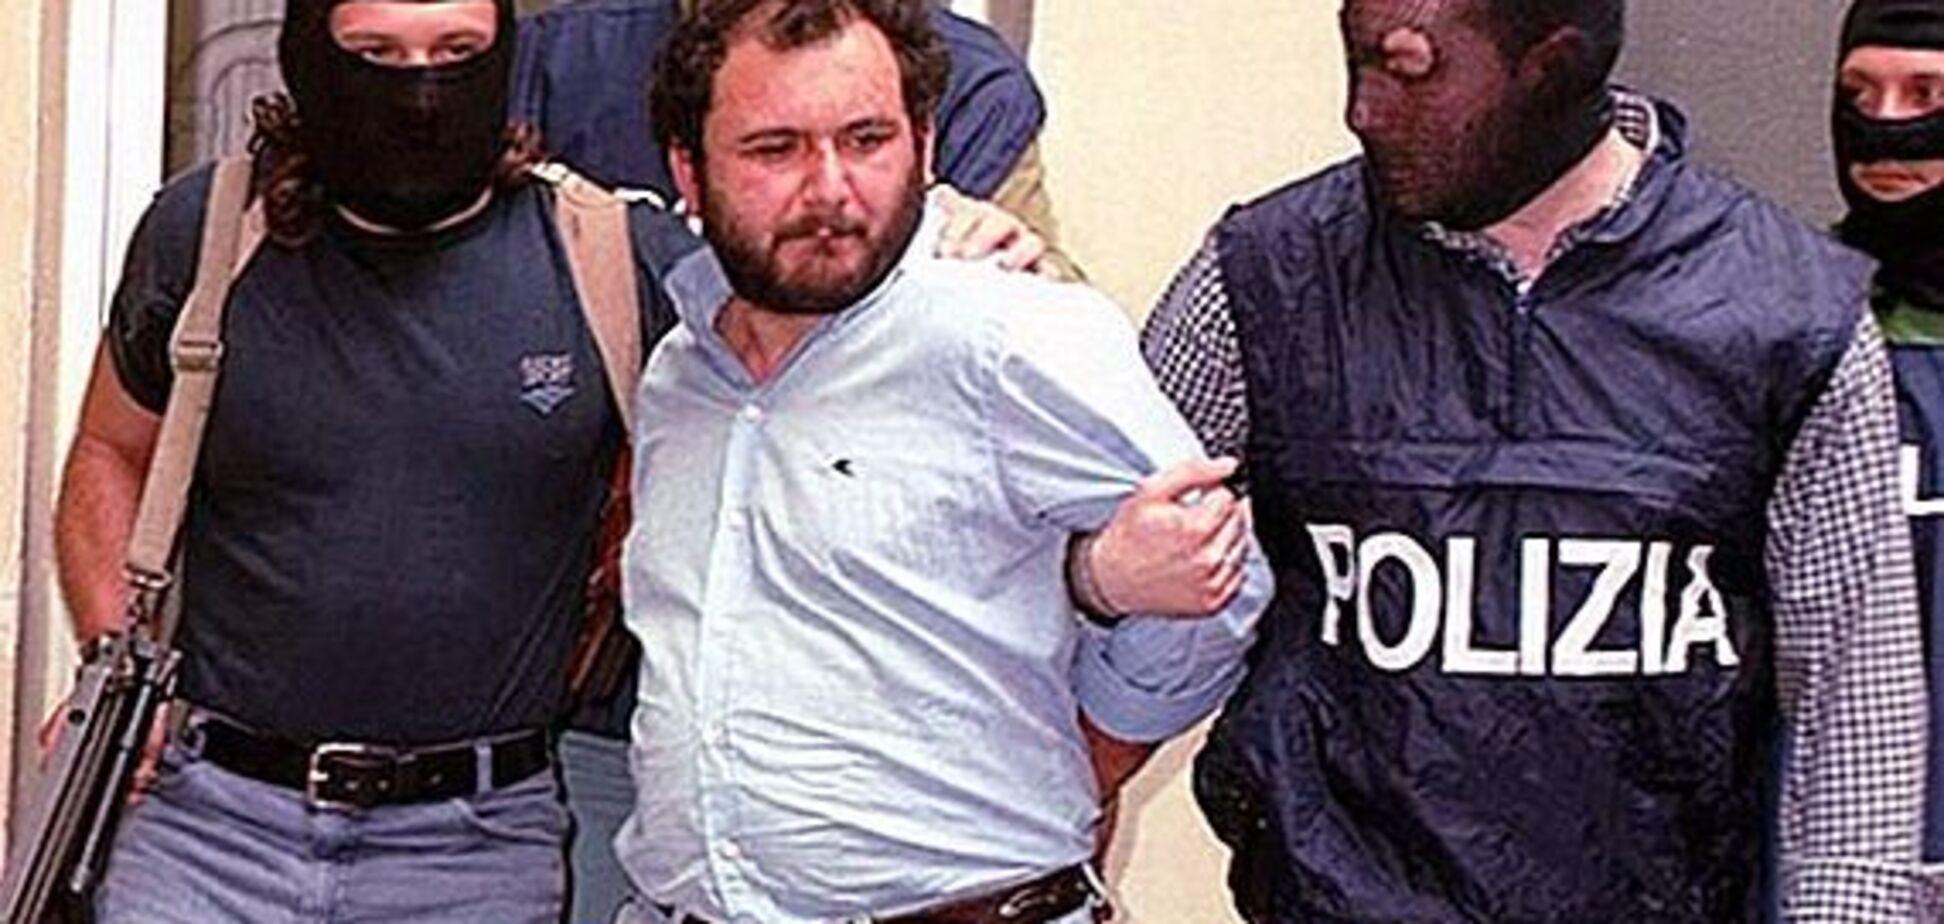 В Италии после 25 лет из тюрьмы вышел мафиози 'Коза Ностры', убивший сотни людей